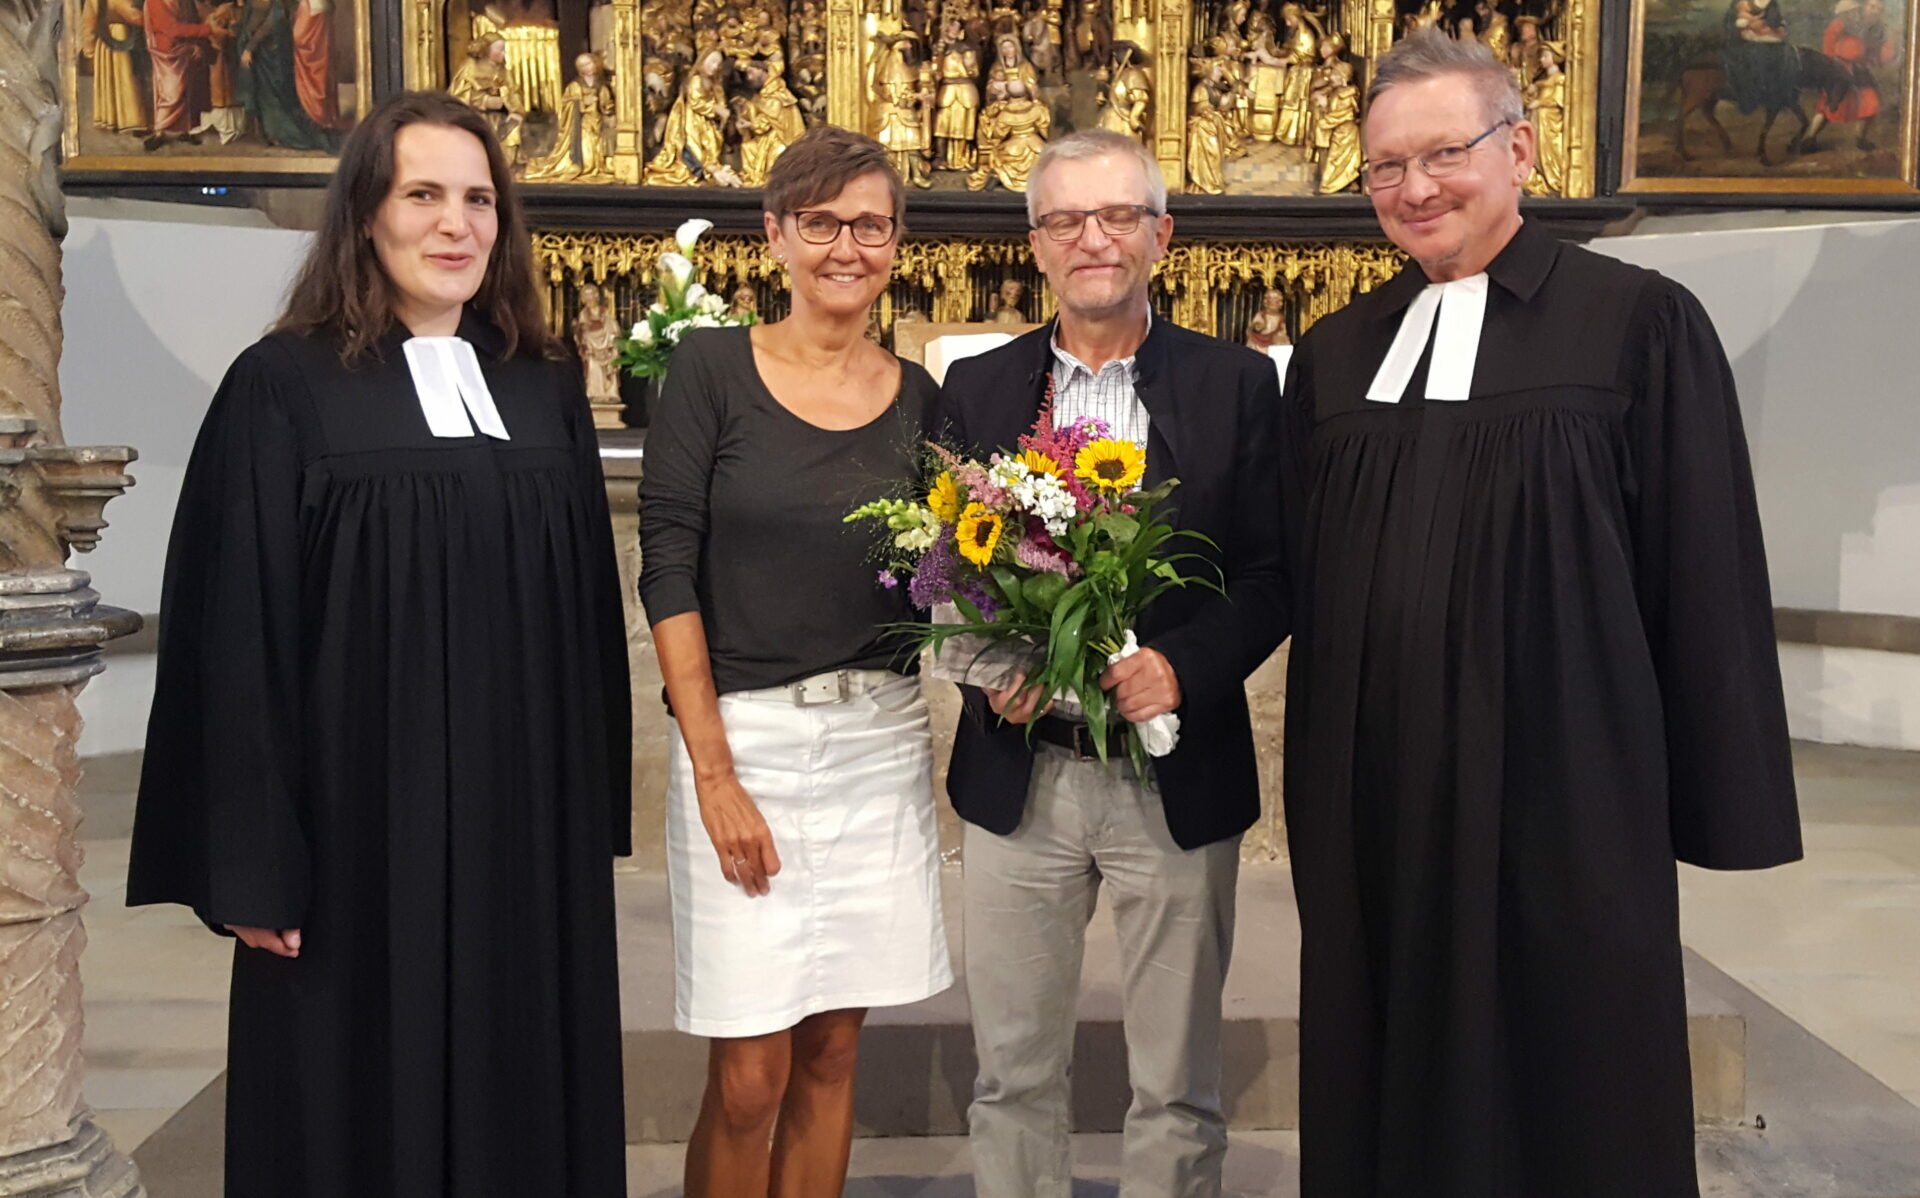 Ulrich Groth feiert 40-jähriges Jubiläum